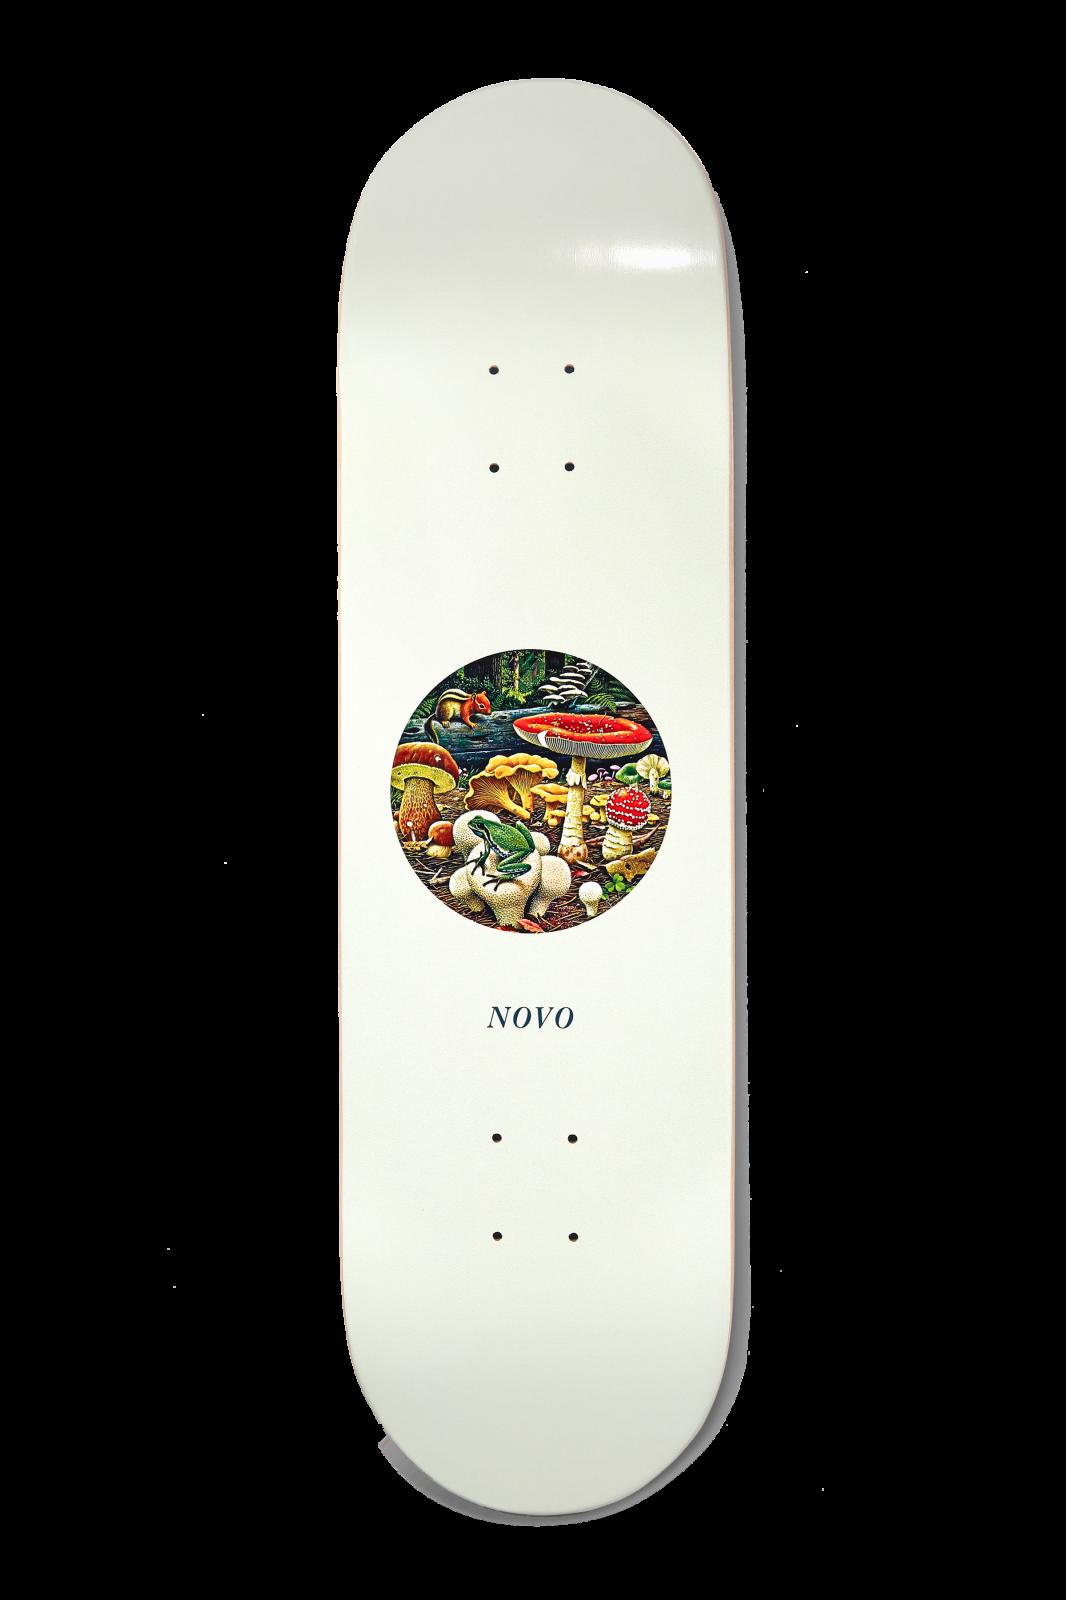 Novo Safe Trip Skateboard Deck (Multiple Size Options)